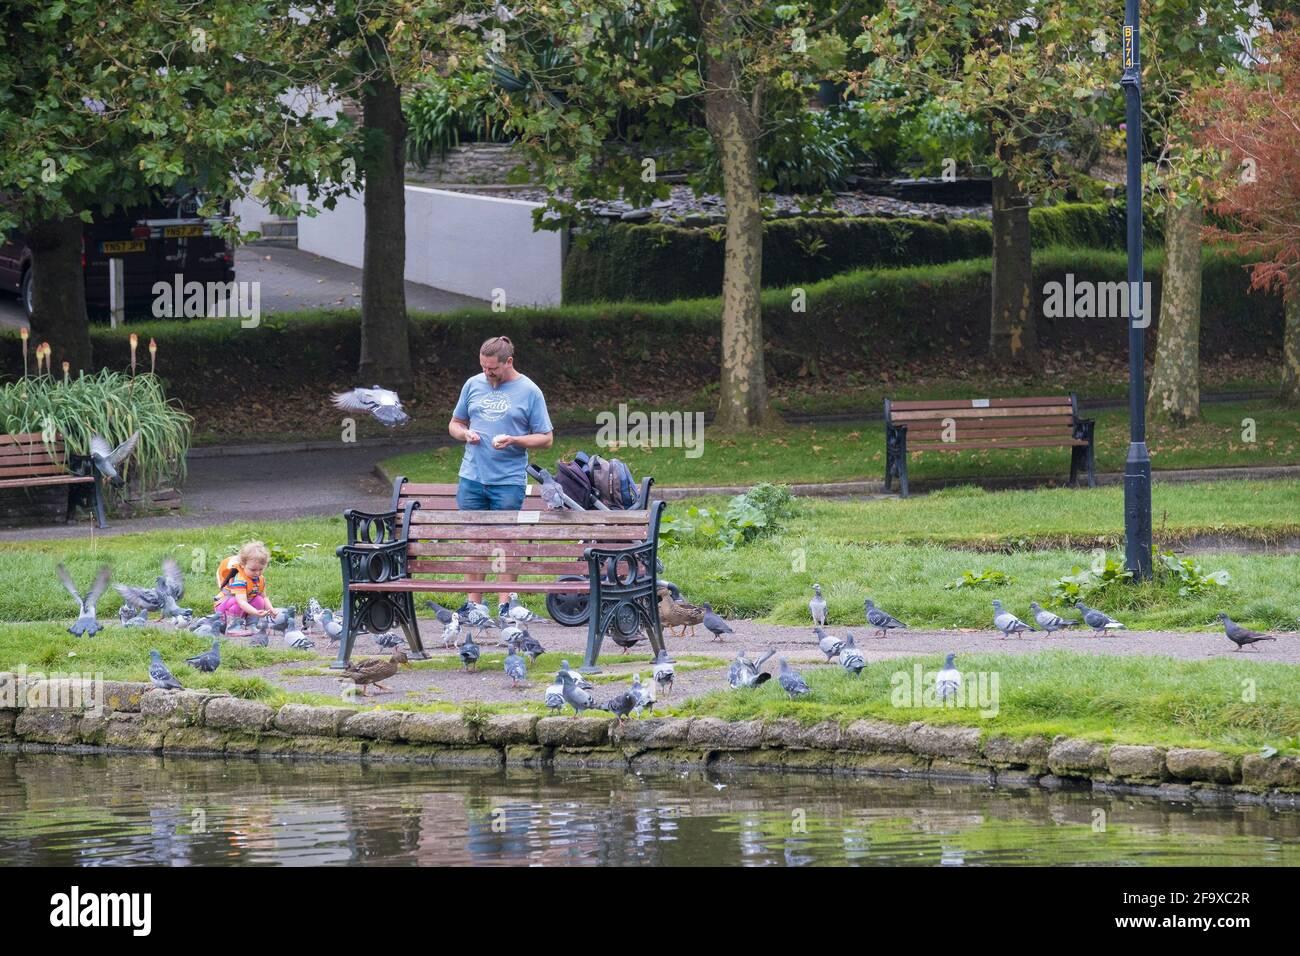 Un père et sa petite fille nourrissant des pigeons dans les jardins de Trenance à Newquay, en Cornouailles. Banque D'Images